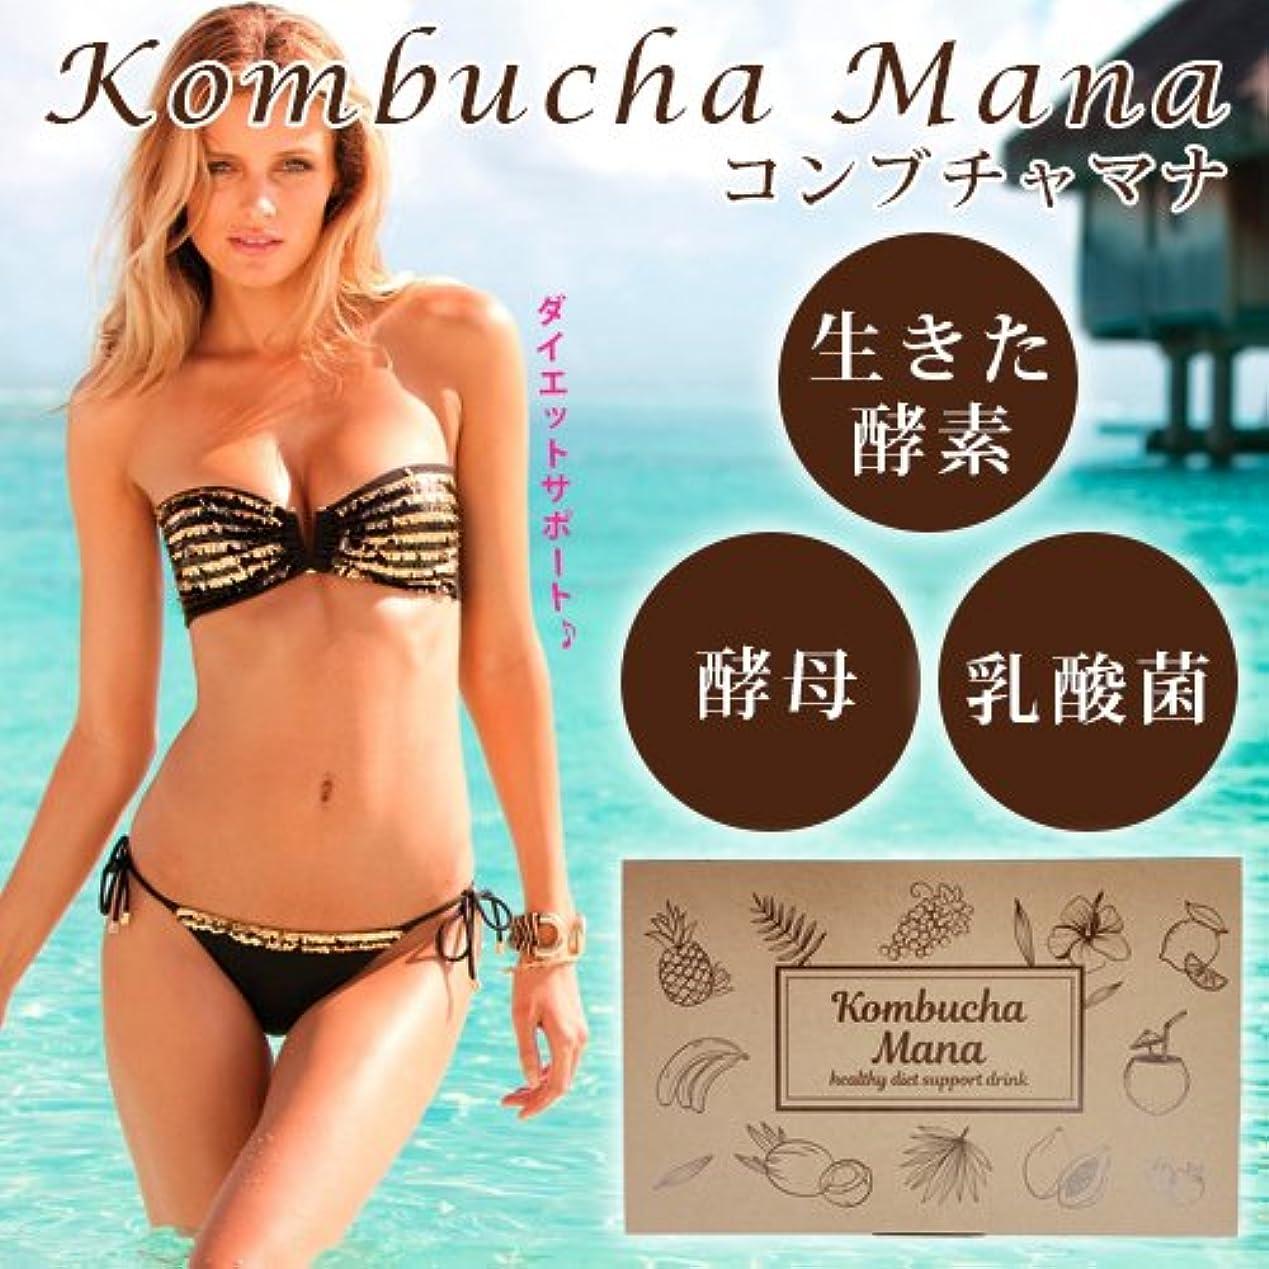 頼む留め金大破コンブチャマナ(Kombucha Mana)ダイエットクレンジングドリンク (2箱)